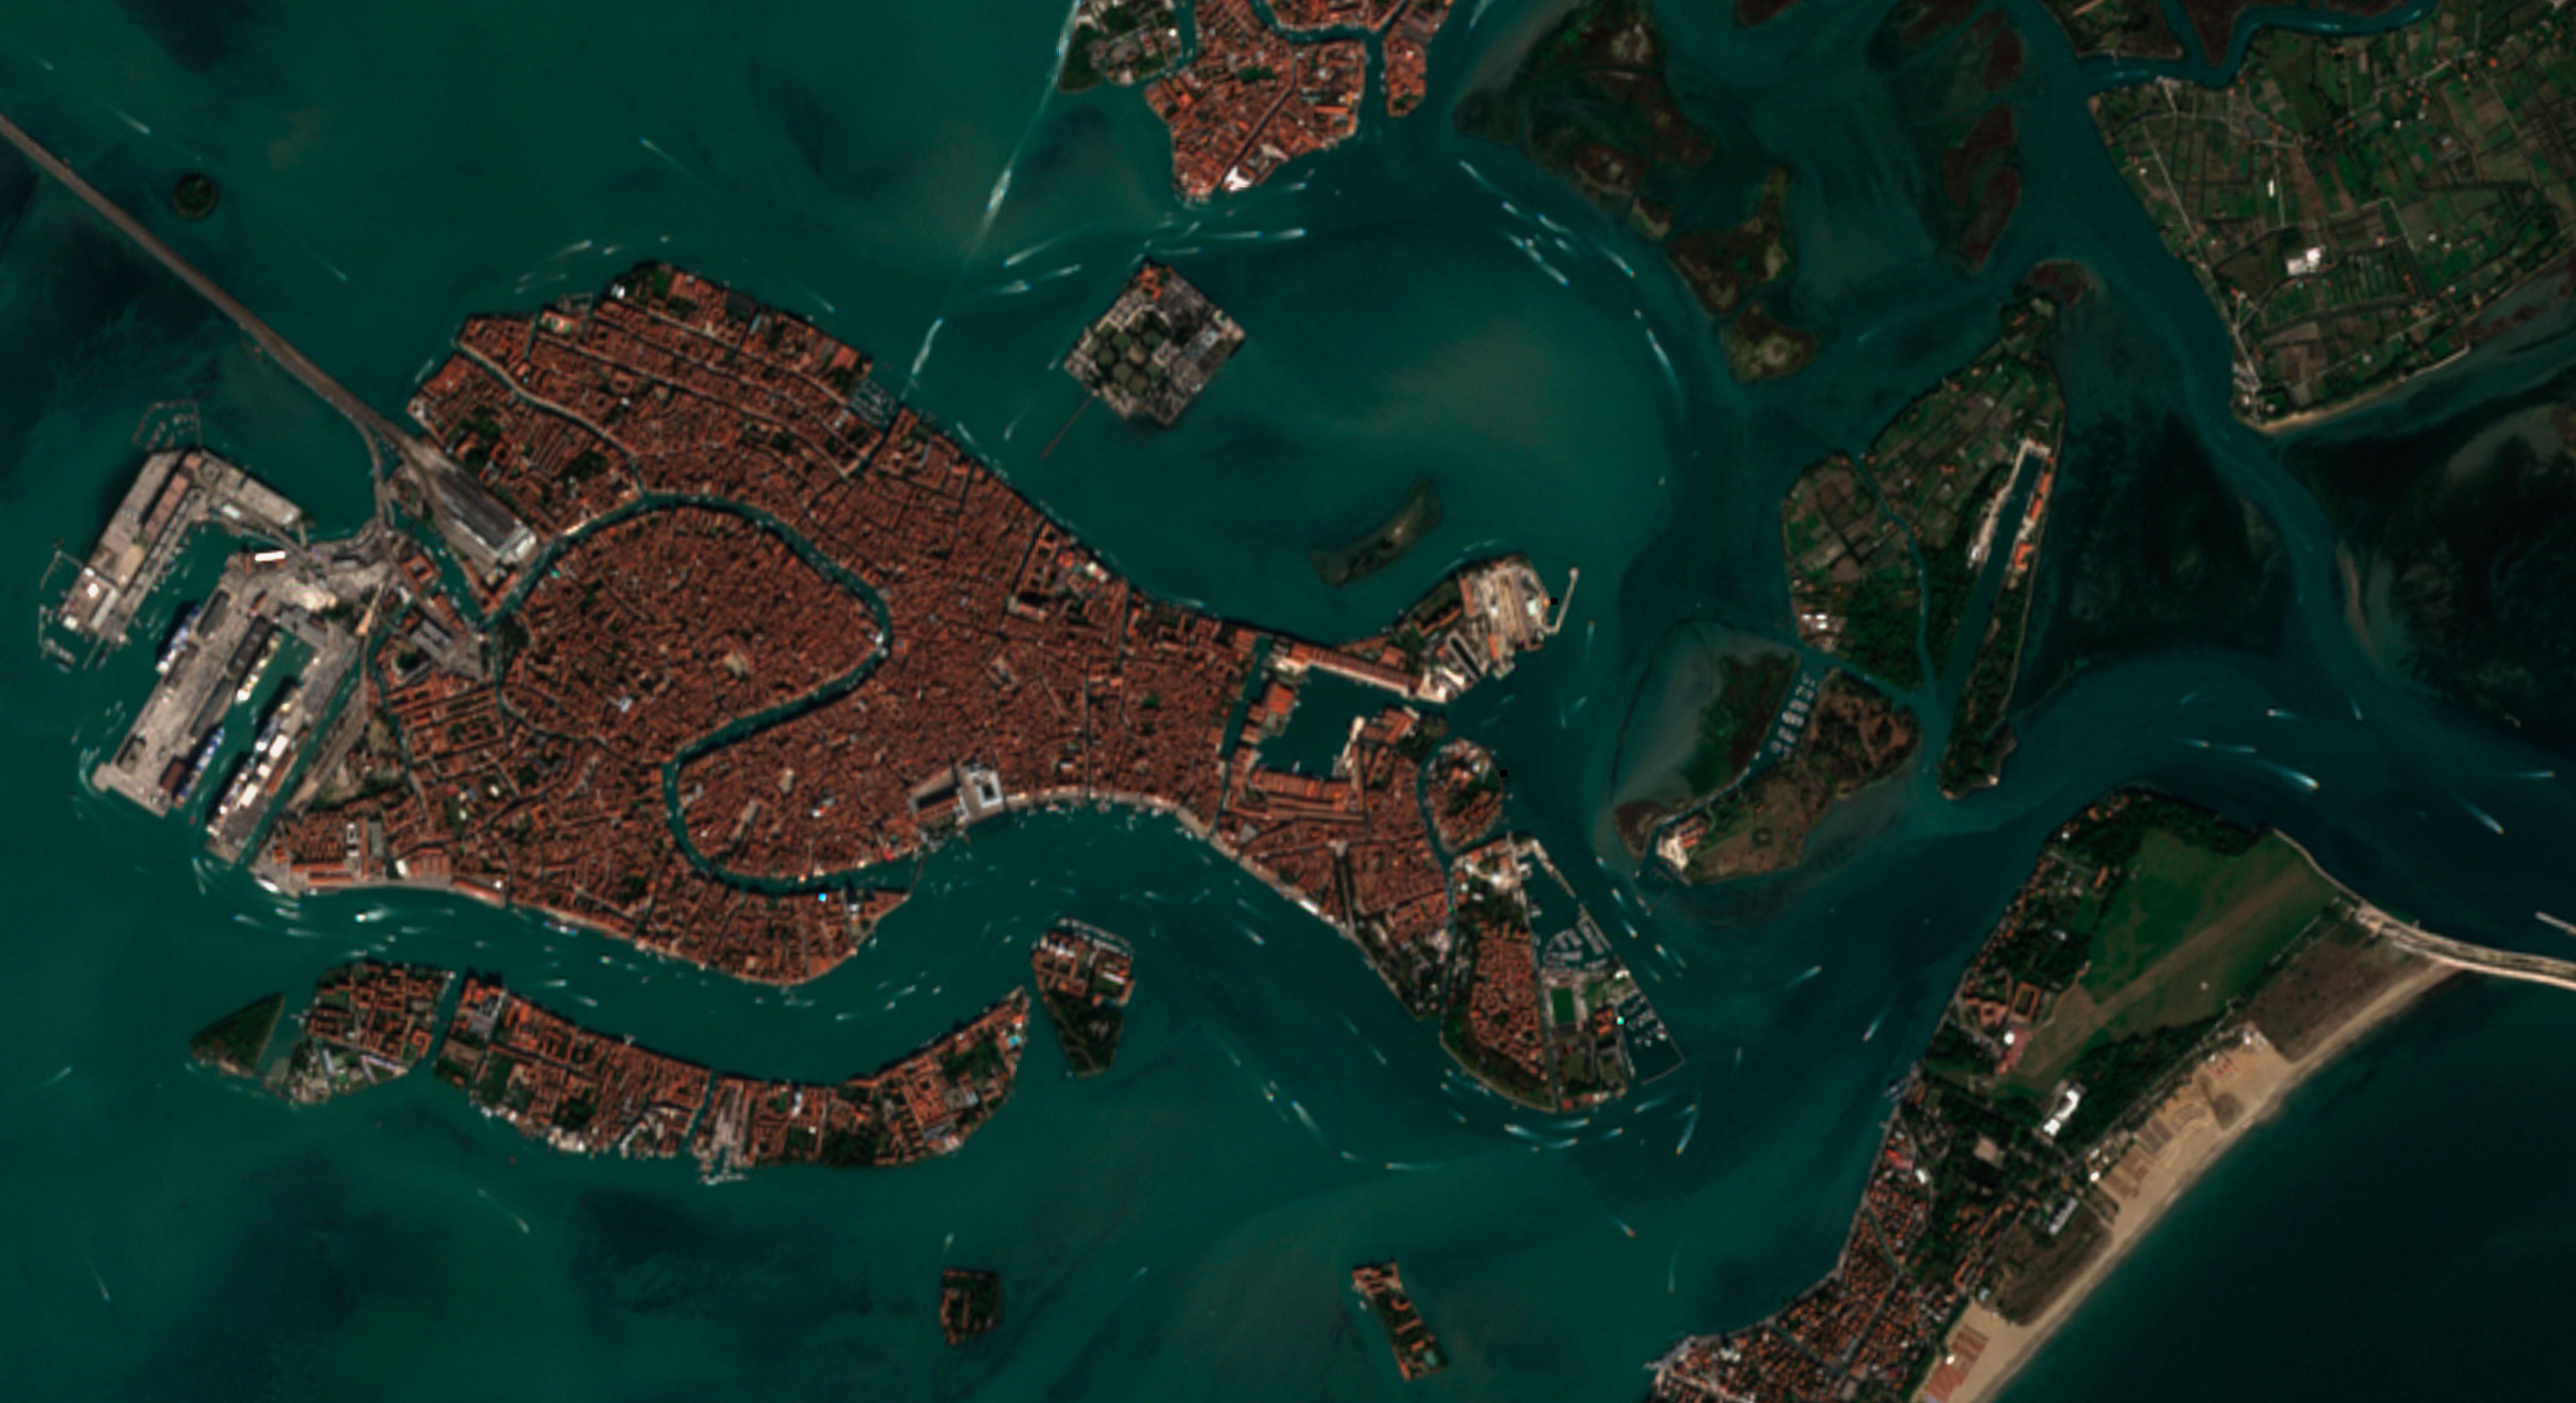 Vaporettos en la isla de Venecia